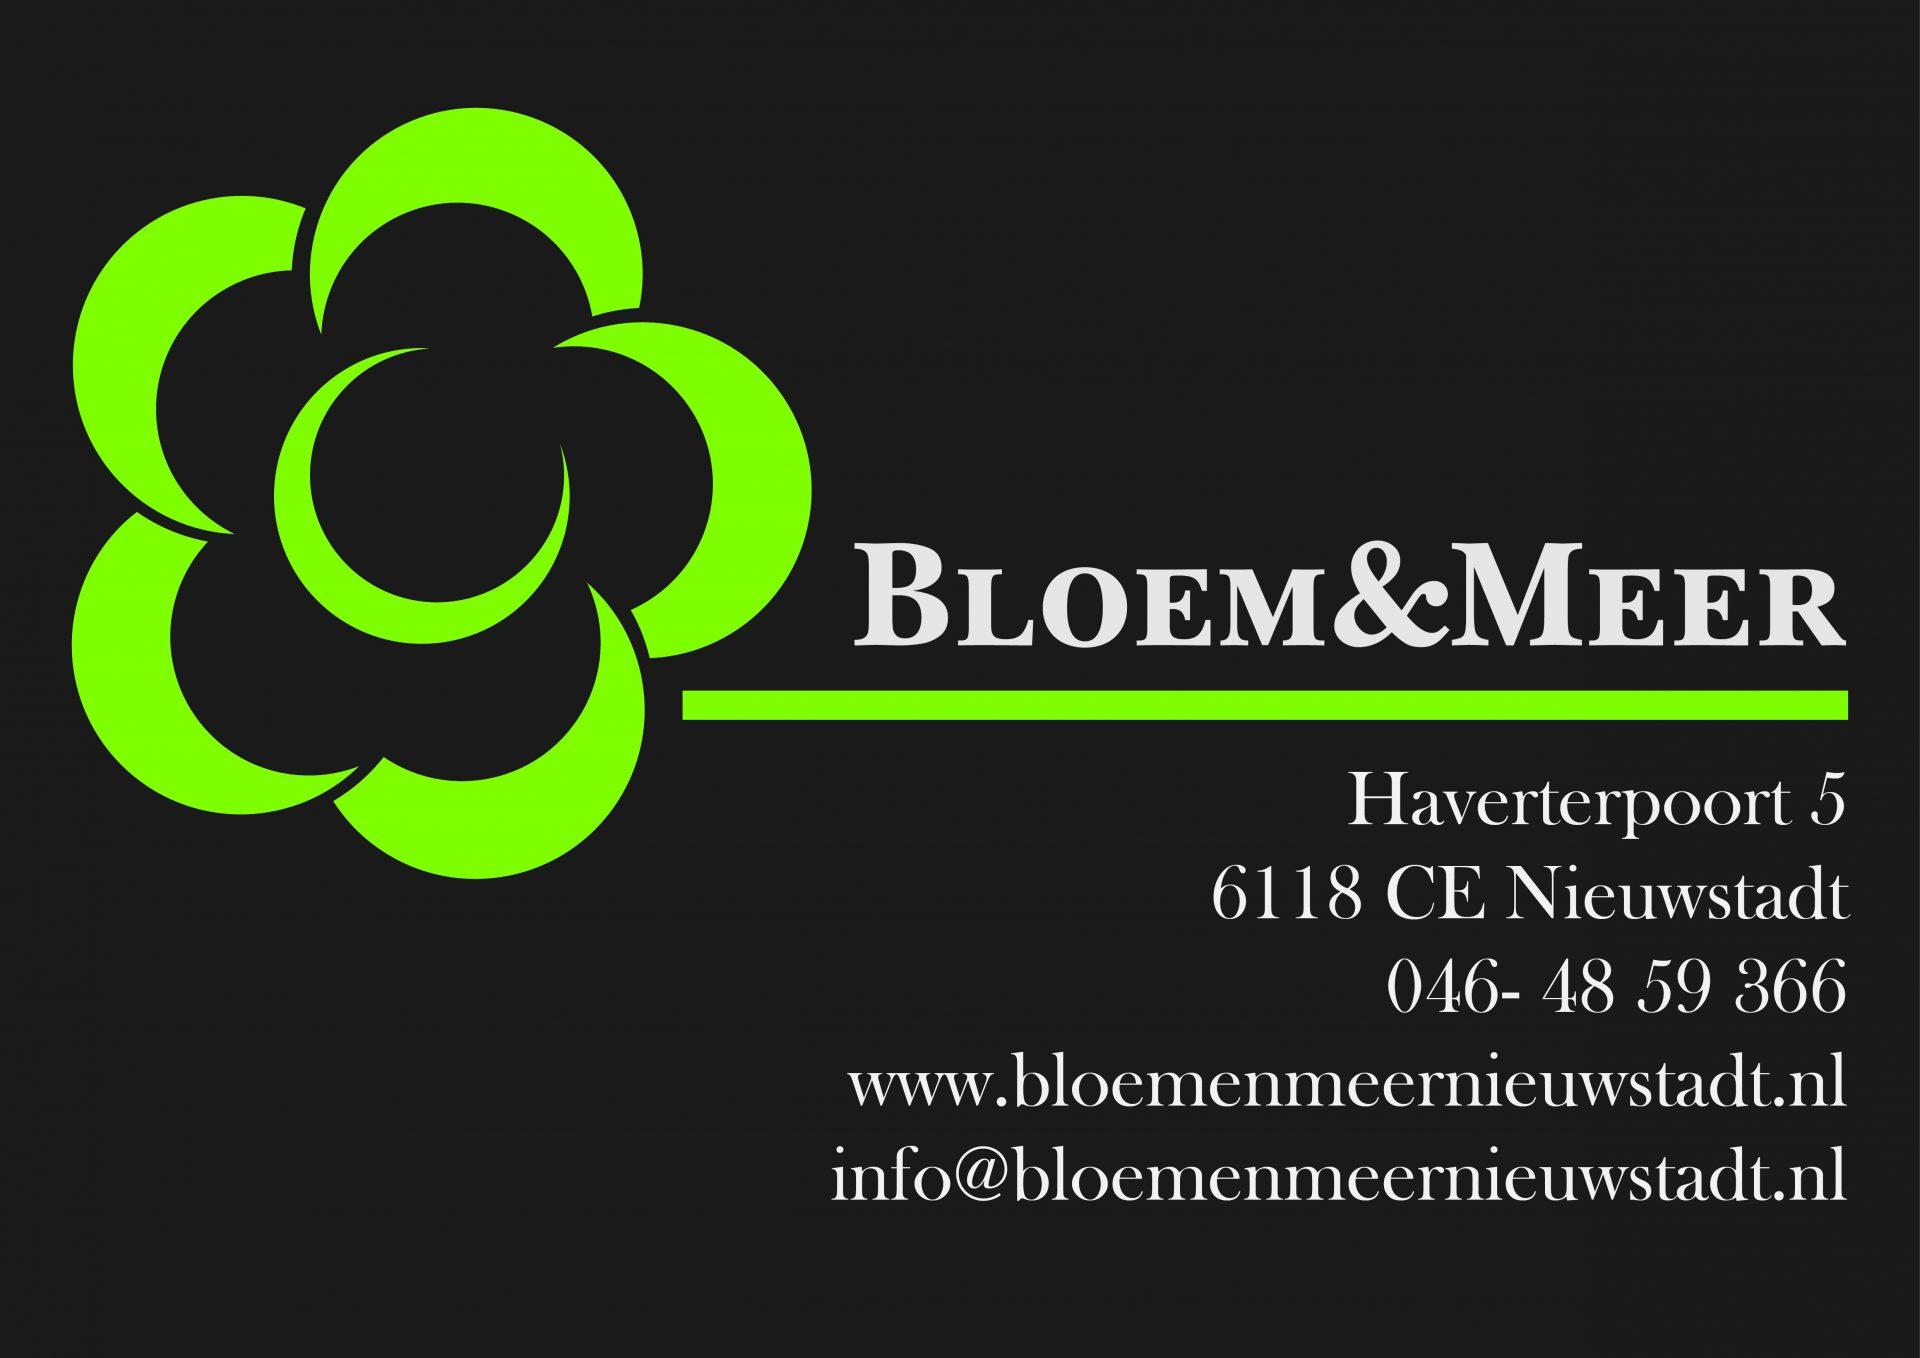 Bloemen & Meer